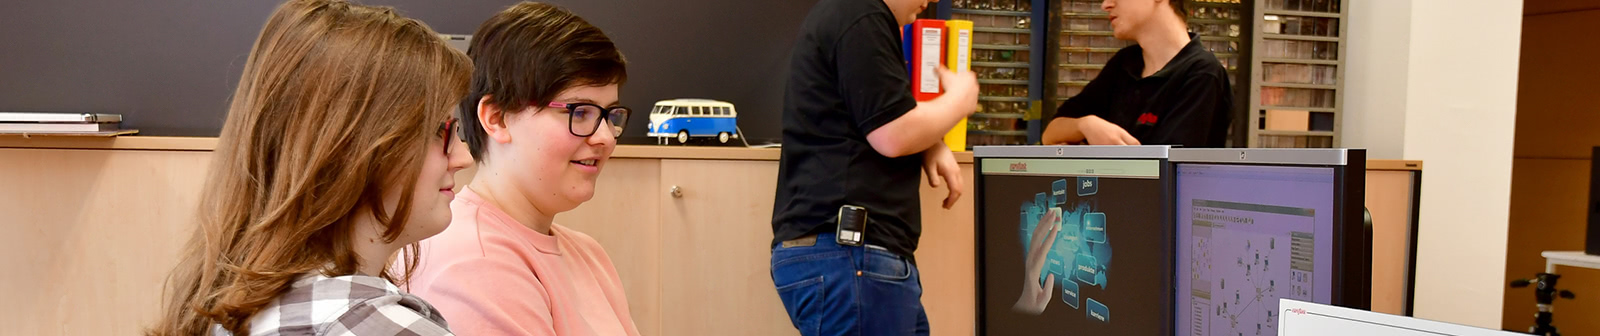 Elektrotechnik lehrlinge vor computer